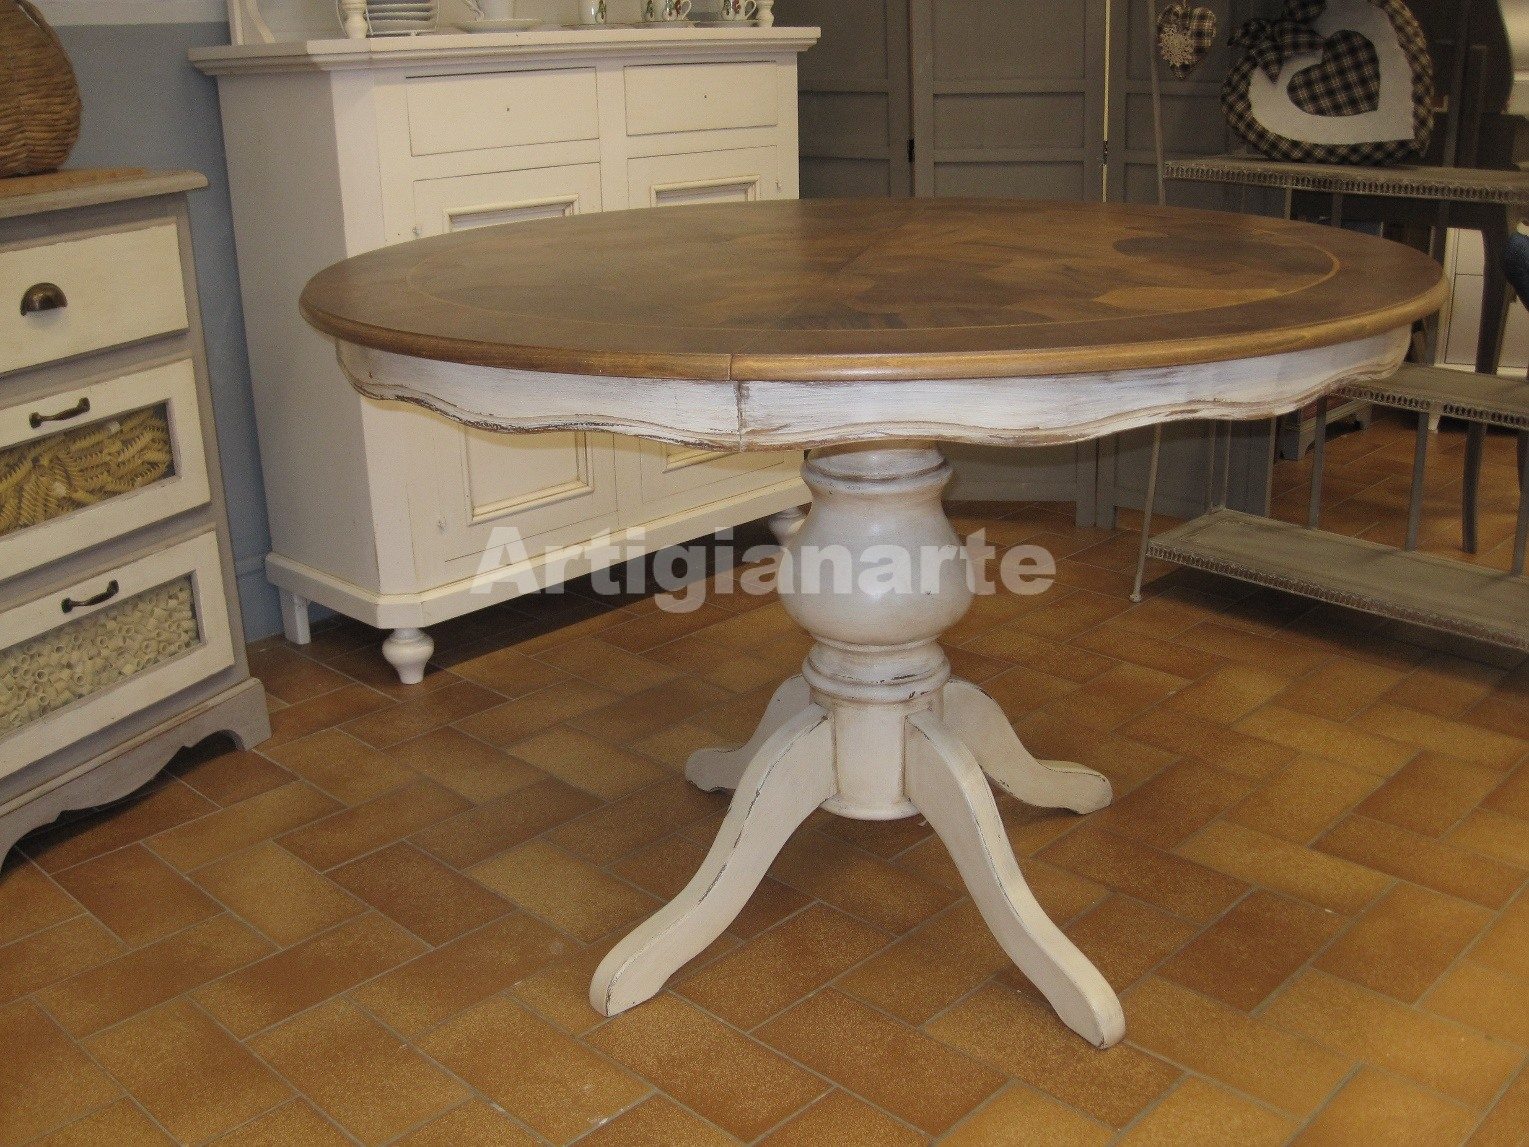 Come acquistare un tavolo in legno grezzo per la tua cucina - Tavolo ovale cucina ...